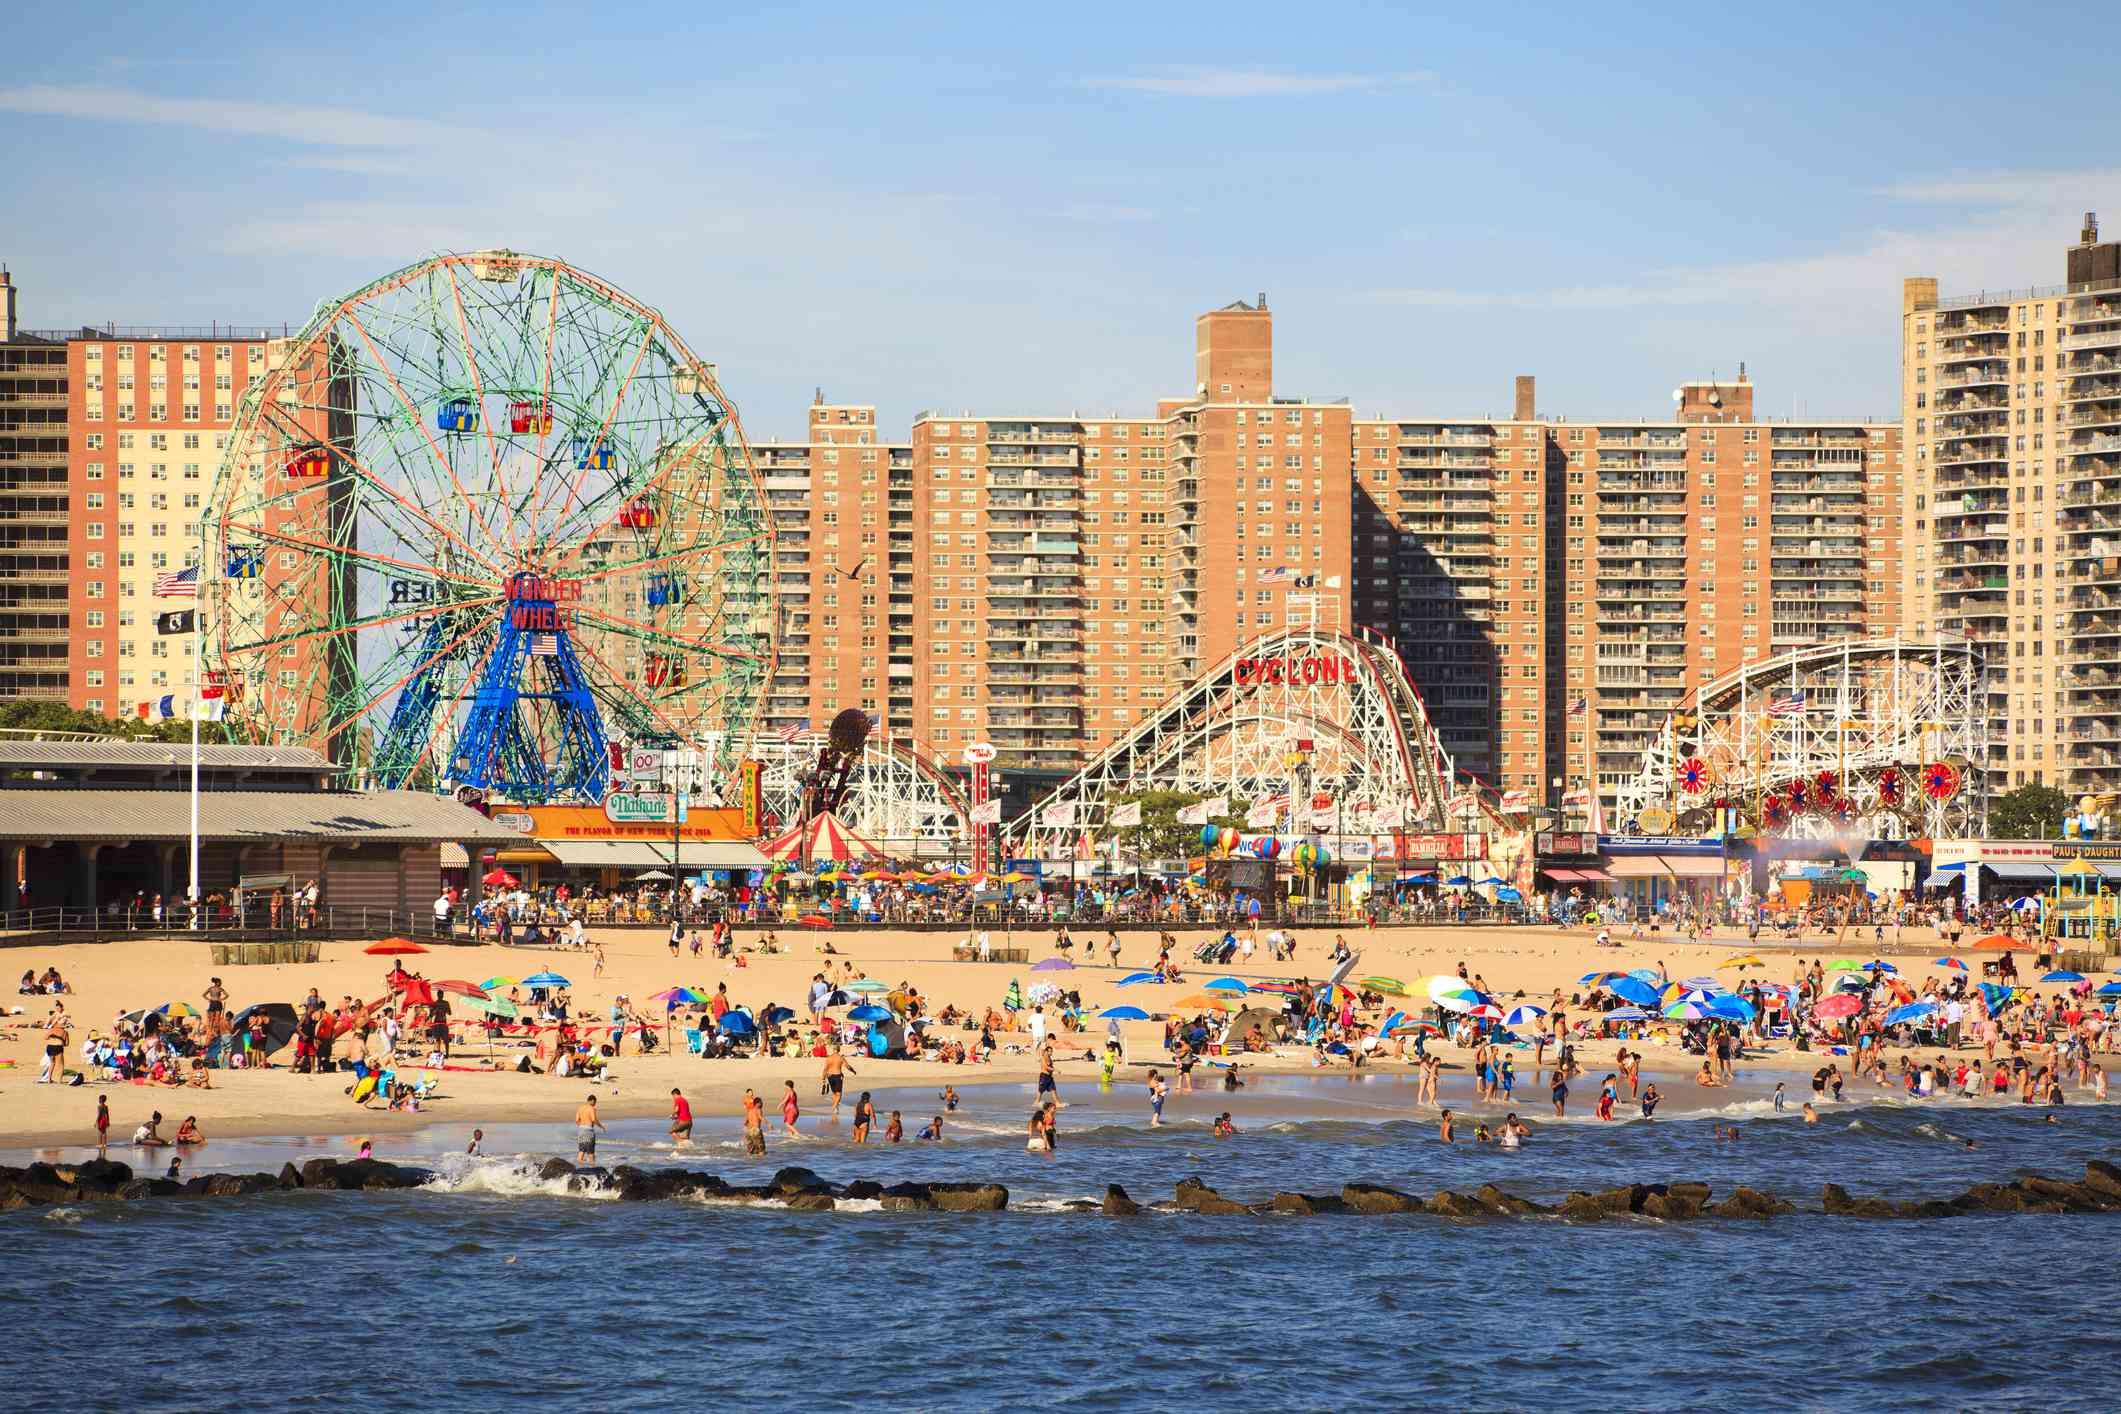 Gente disfrutando de la playa en Coney Island